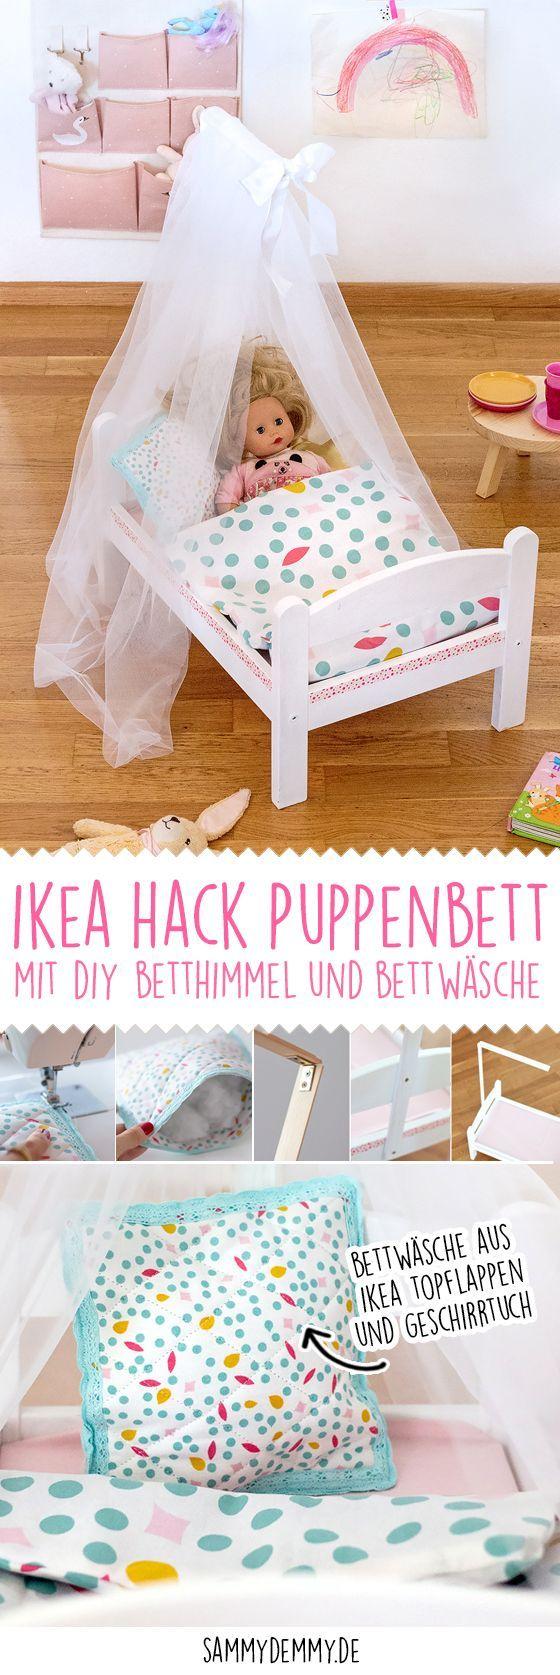 Wohnglück auf Schwäbisch: der neue IKEA Ludwigsburg